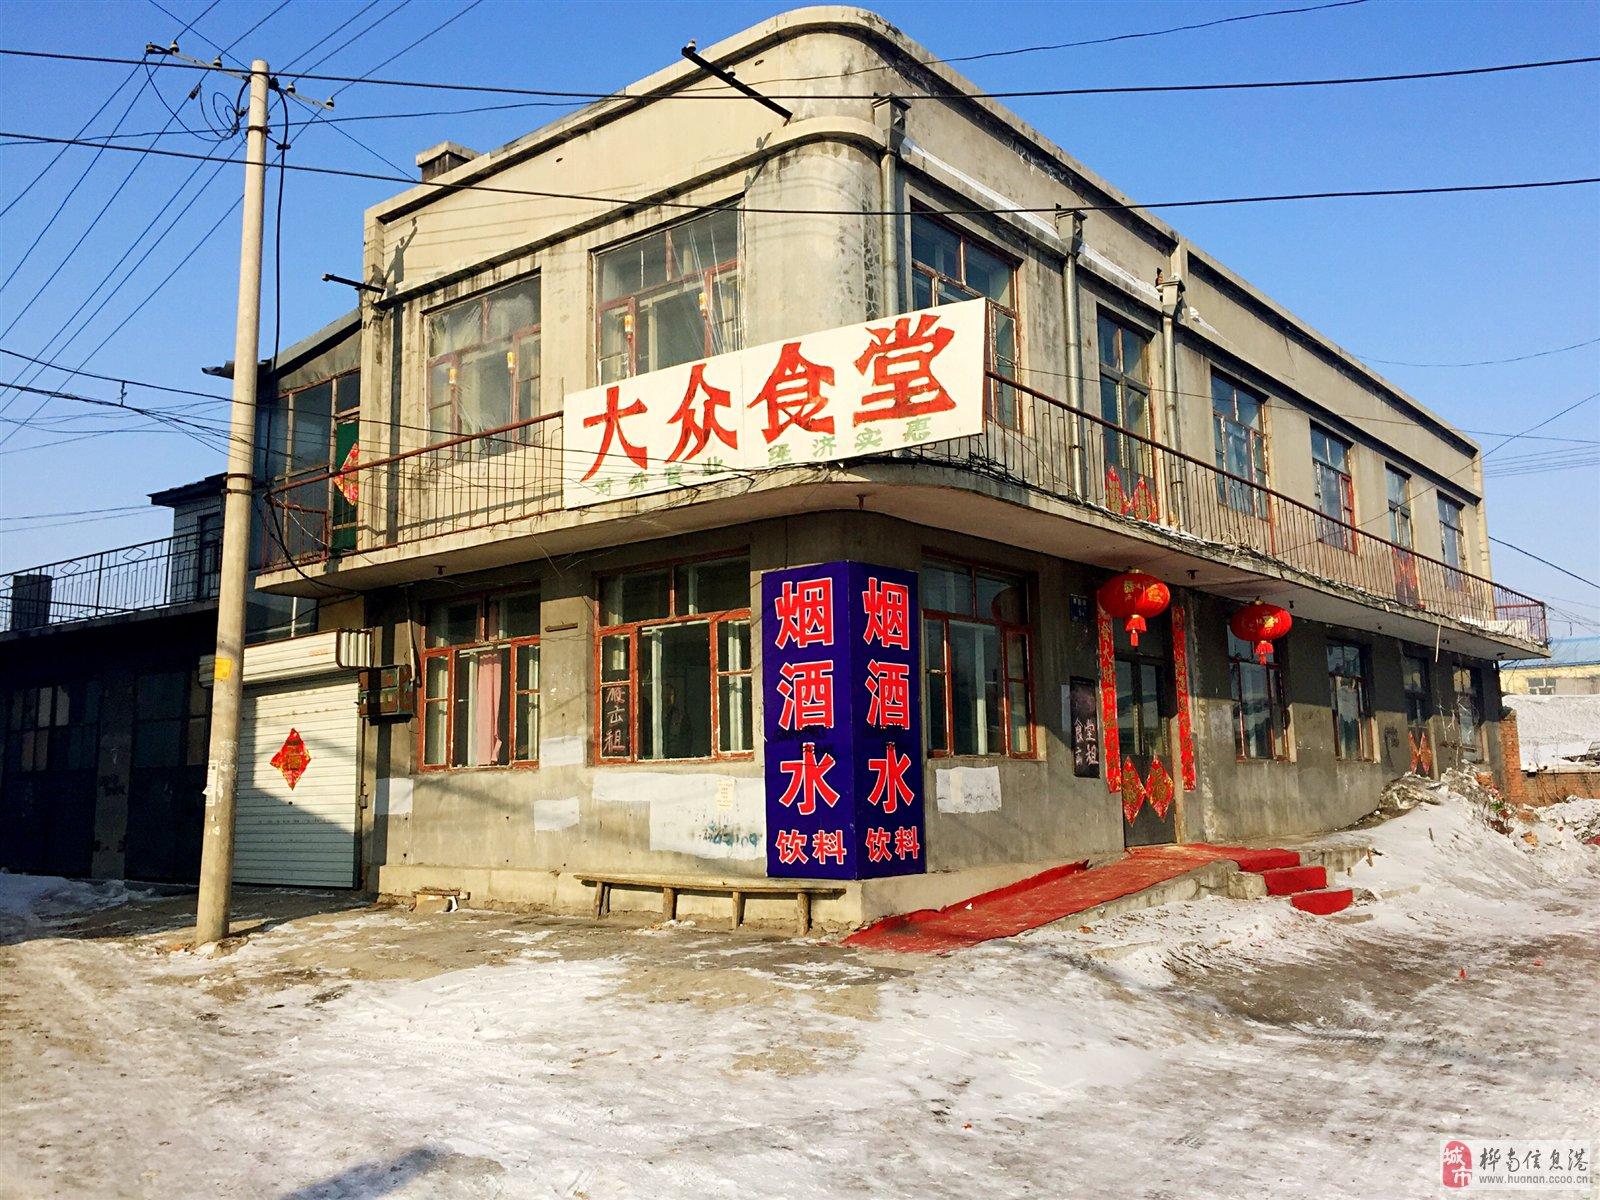 本店獨棟二層樓房,鄰近火車站,地點優越,樓房內有大廳,住房,地窖,倉庫